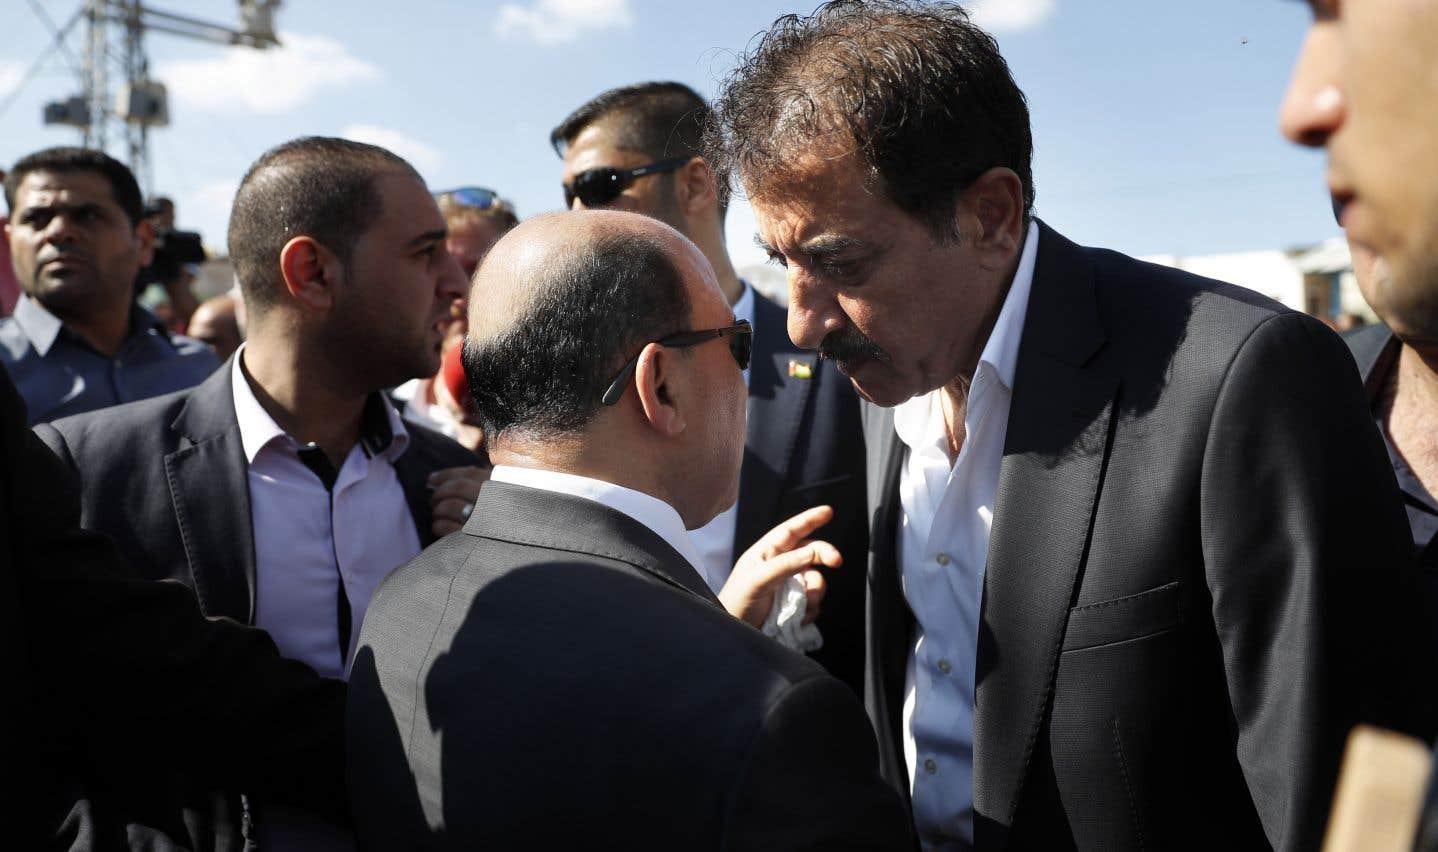 Le ministre de l'Autorité palestinienne Mufeed al-Husayna (centre) s'entretient avec le président de l'Autorité palestinienne,Nazmi Mhana (droite), au passage à l'entrée nord de la bande de Gaza.